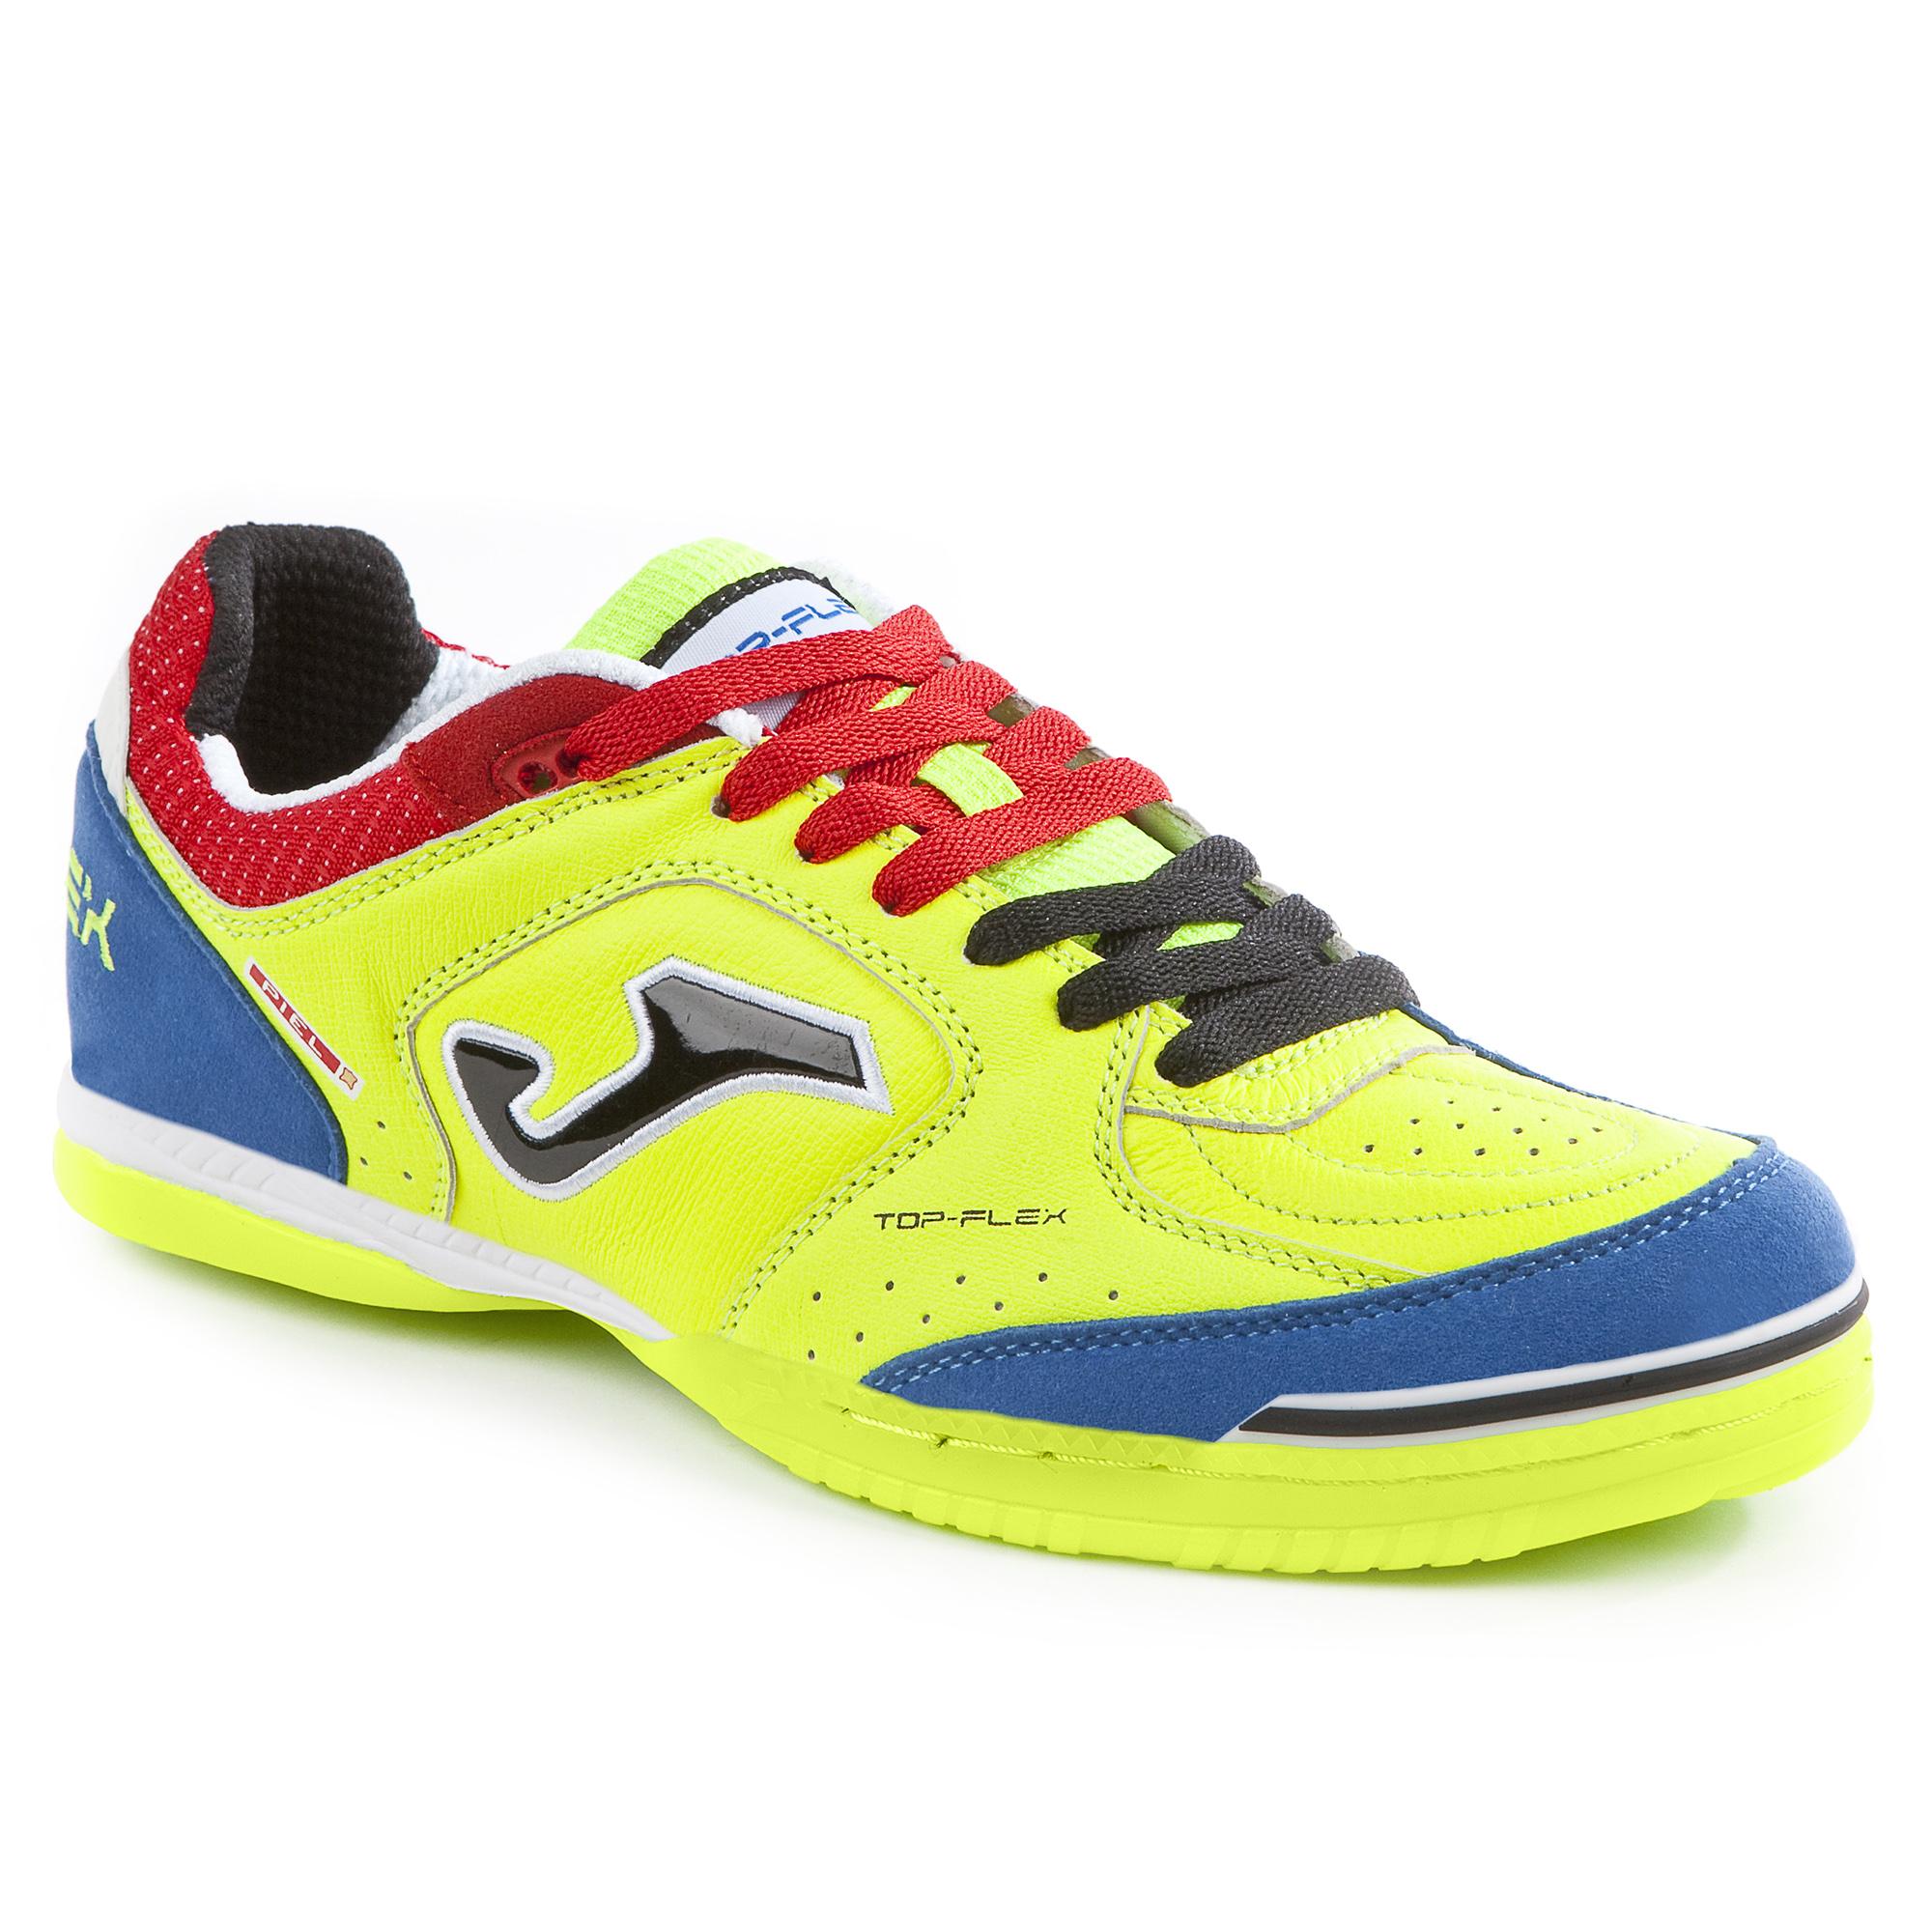 Pánská celokožená sálová obuv značky Joma e-shop